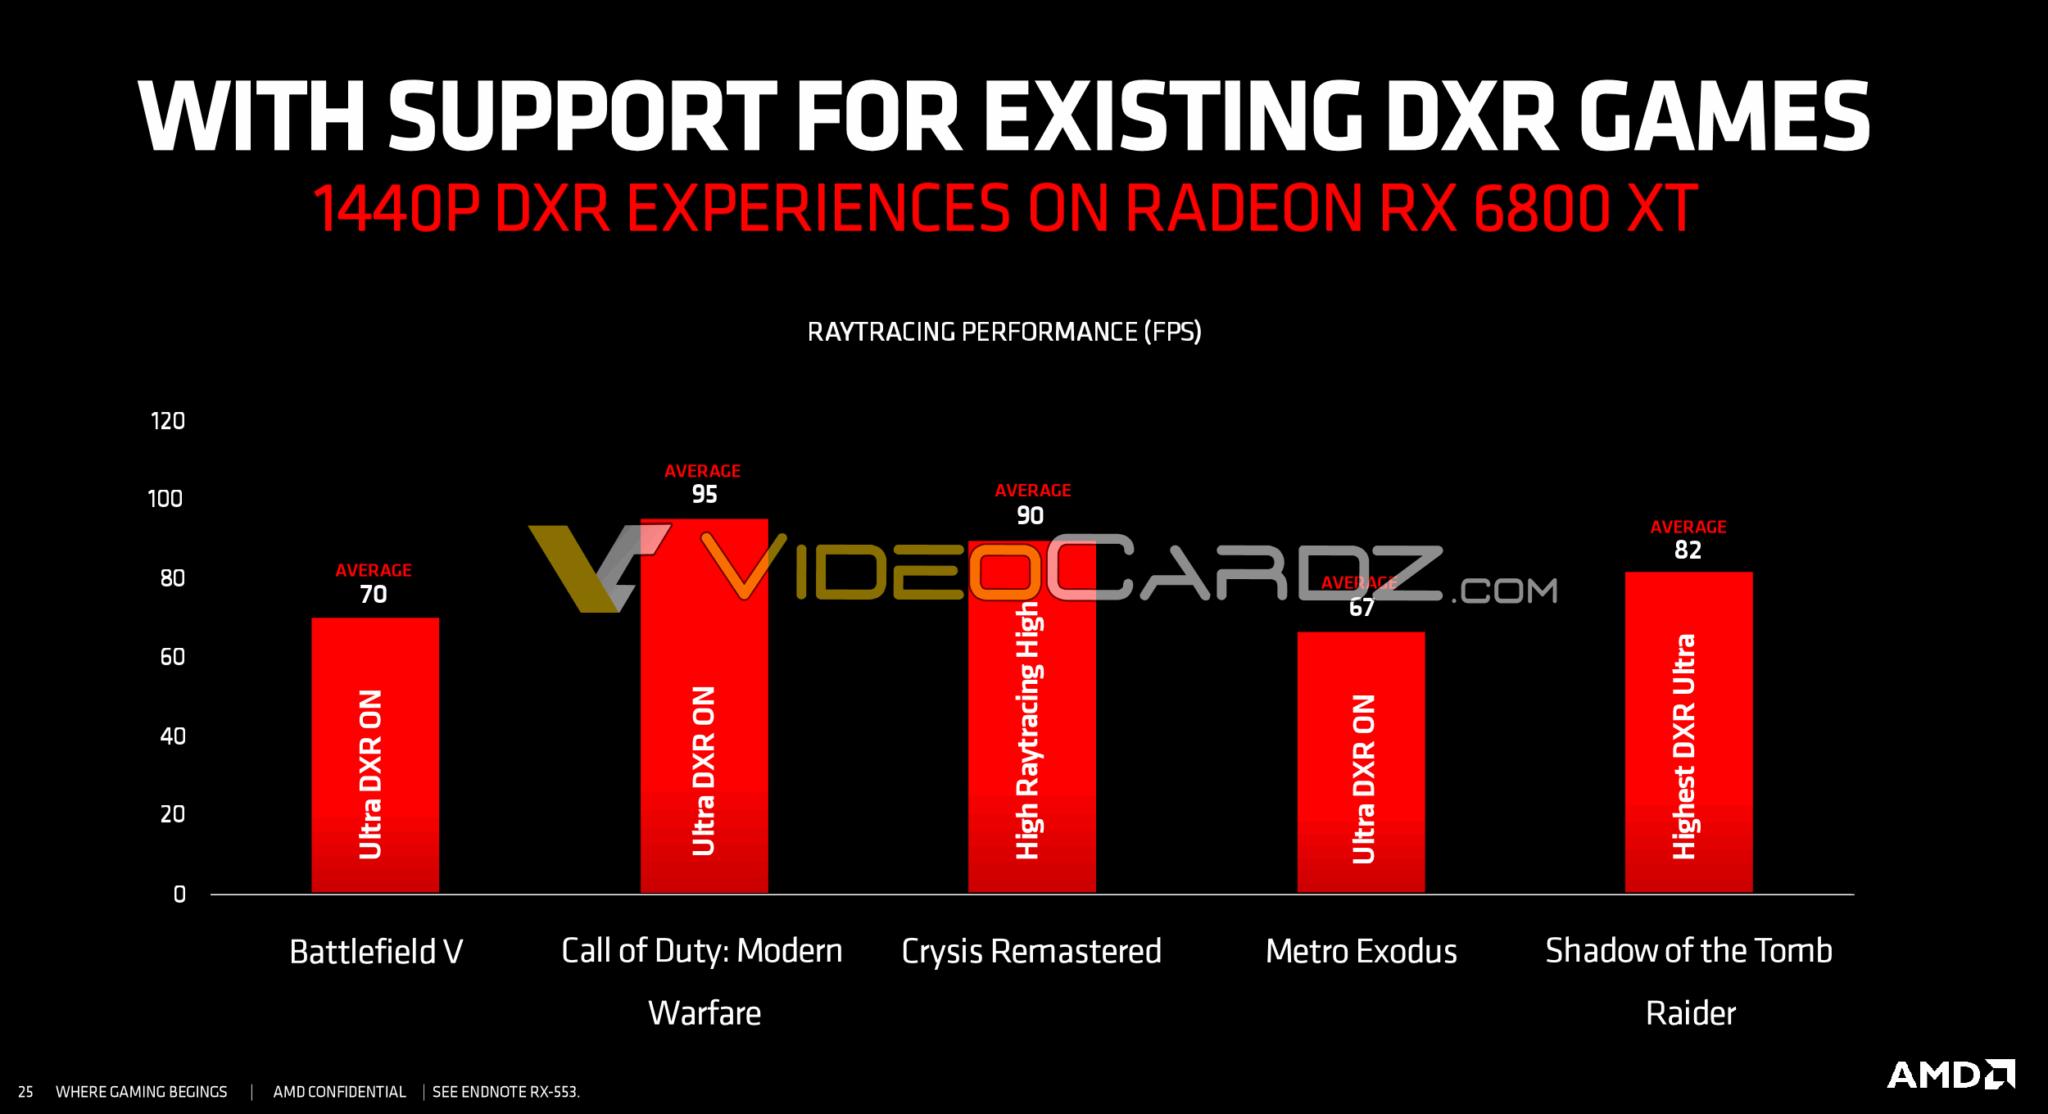 AMD-Radeon-RX-6800-XT-DXR.png